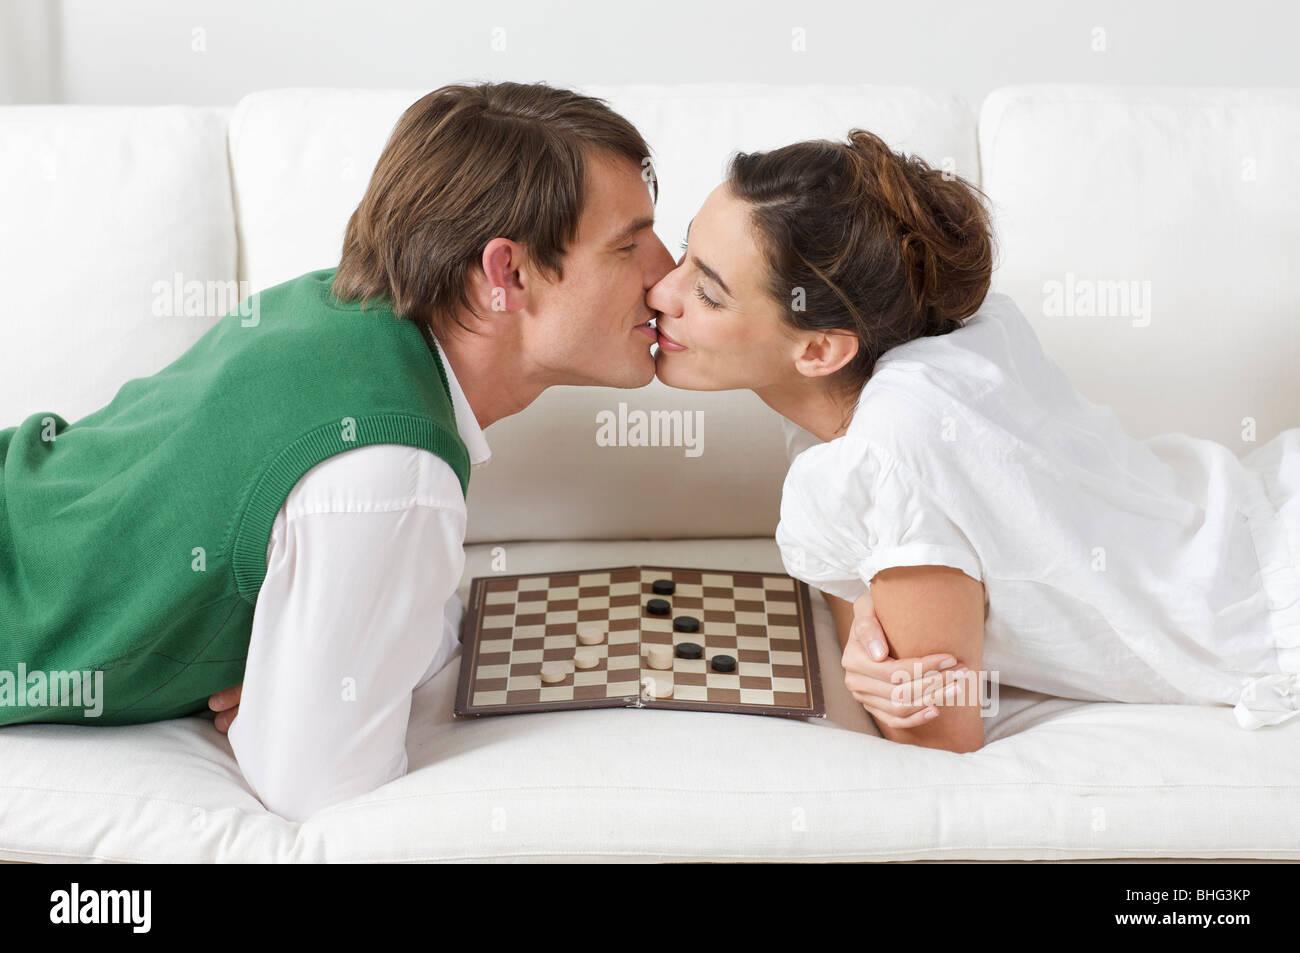 Deux amoureux et pas besoin de jeux de société Photo Stock